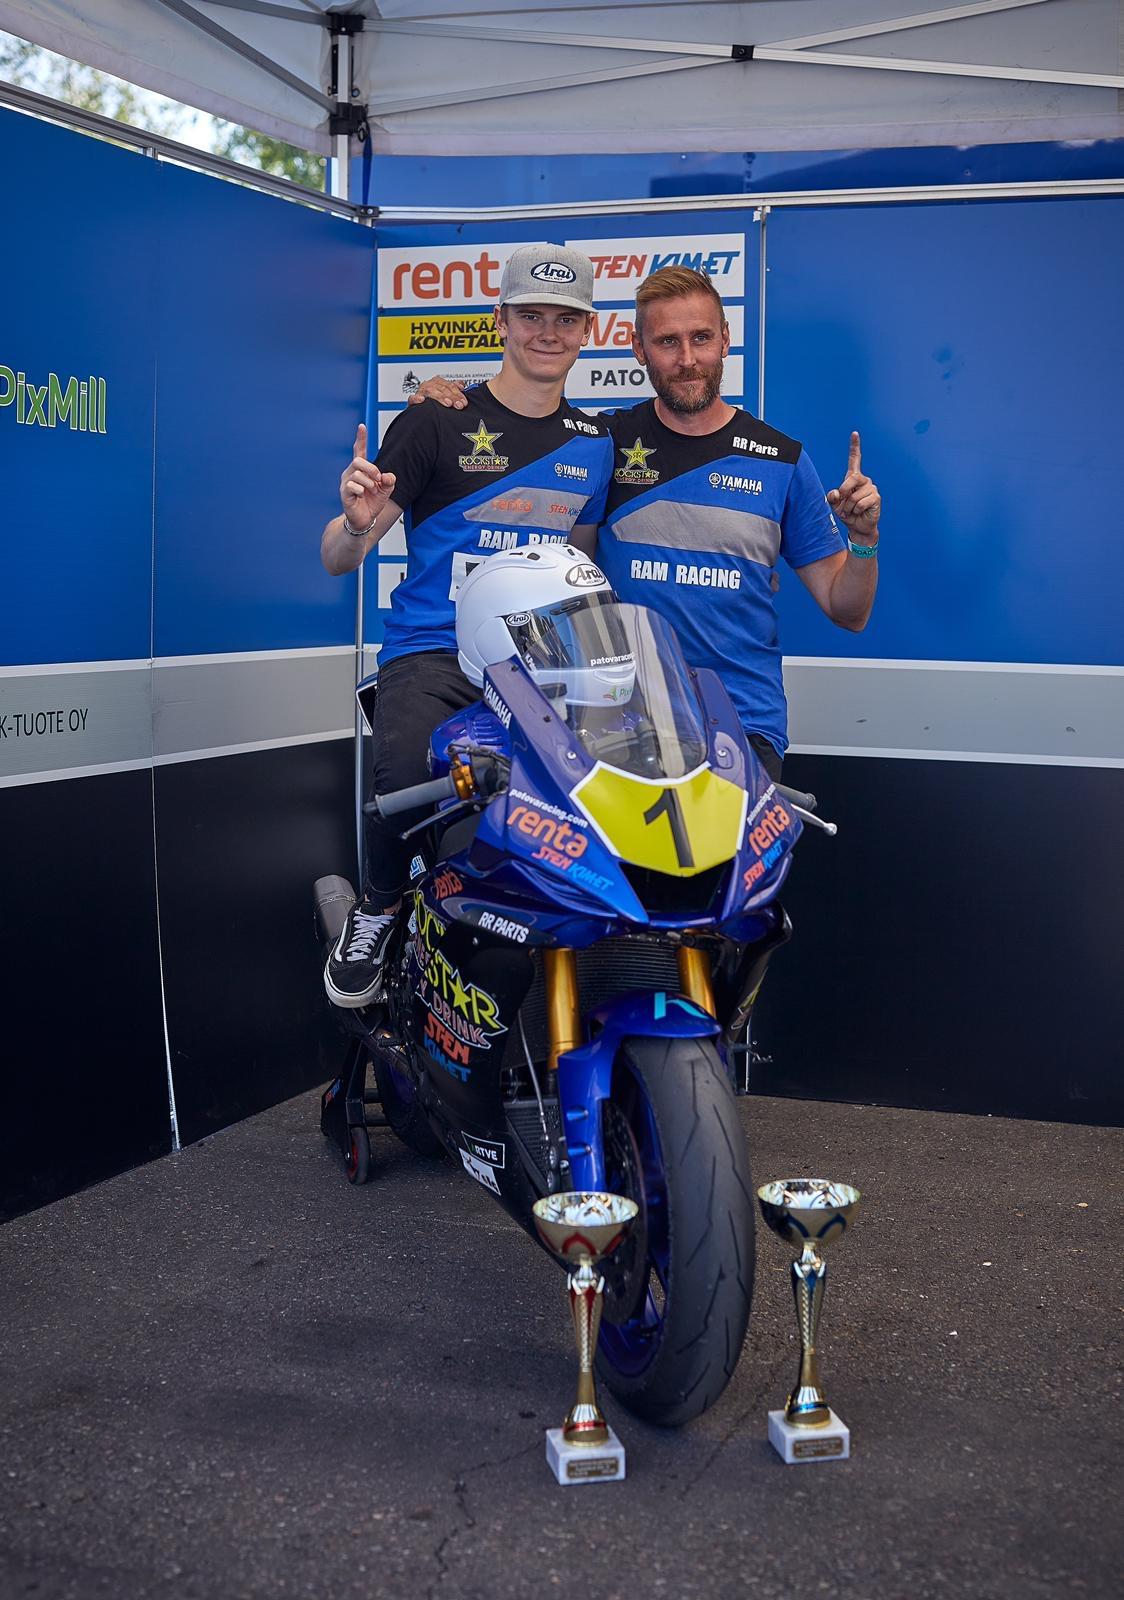 Kauden 2019 suomenmestari Kimi Patova jatkaa RAM Racing Yamahan väreissä kohti Espanjan ratoja